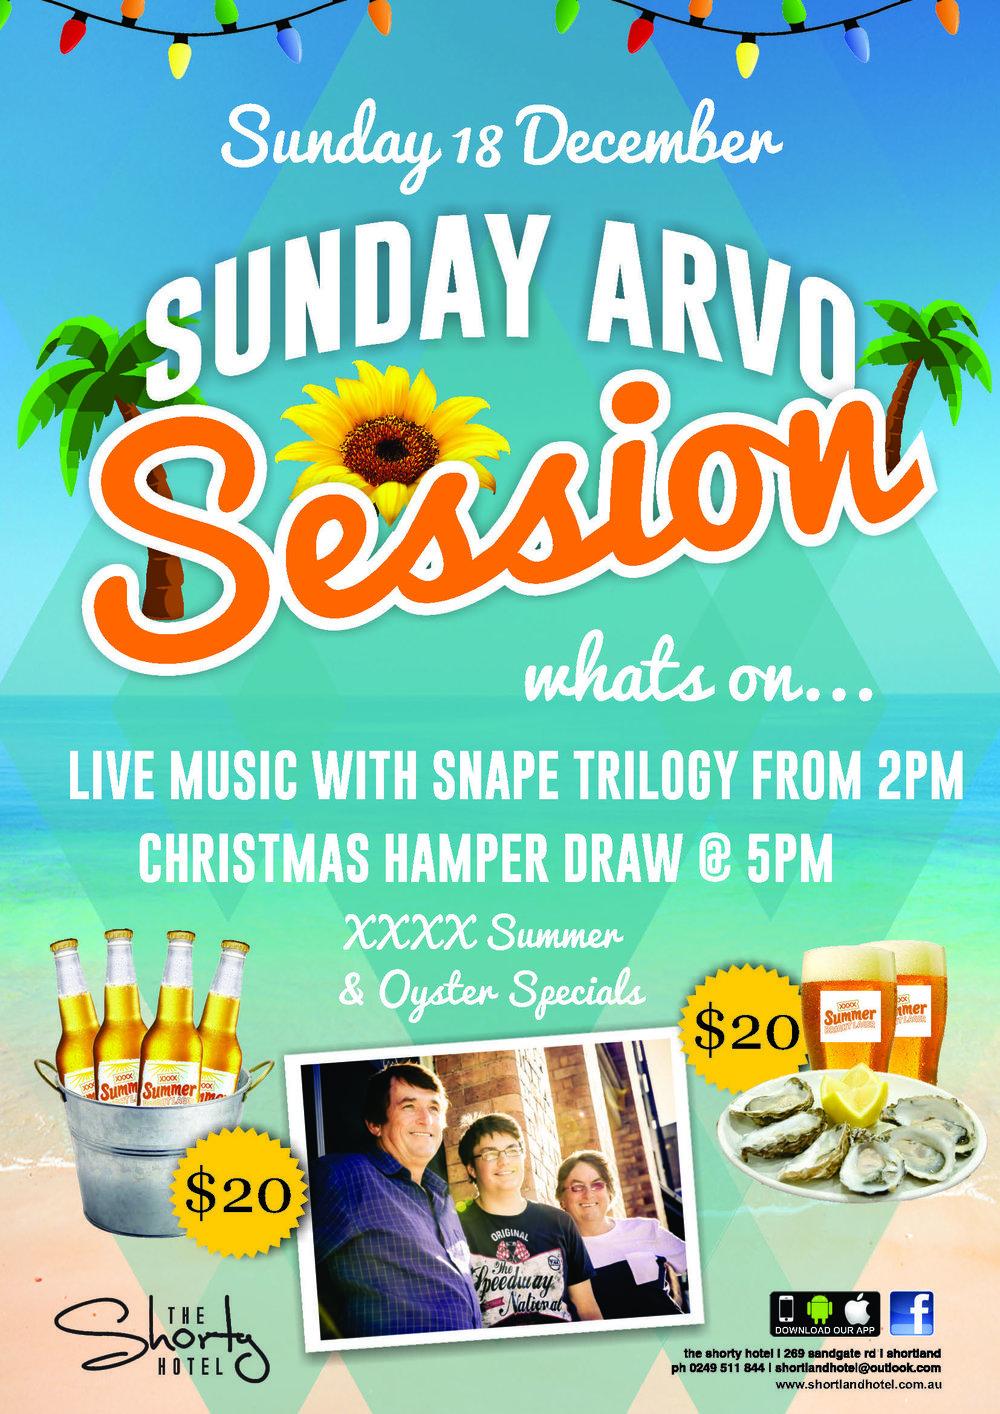 Sunday Arvo Session